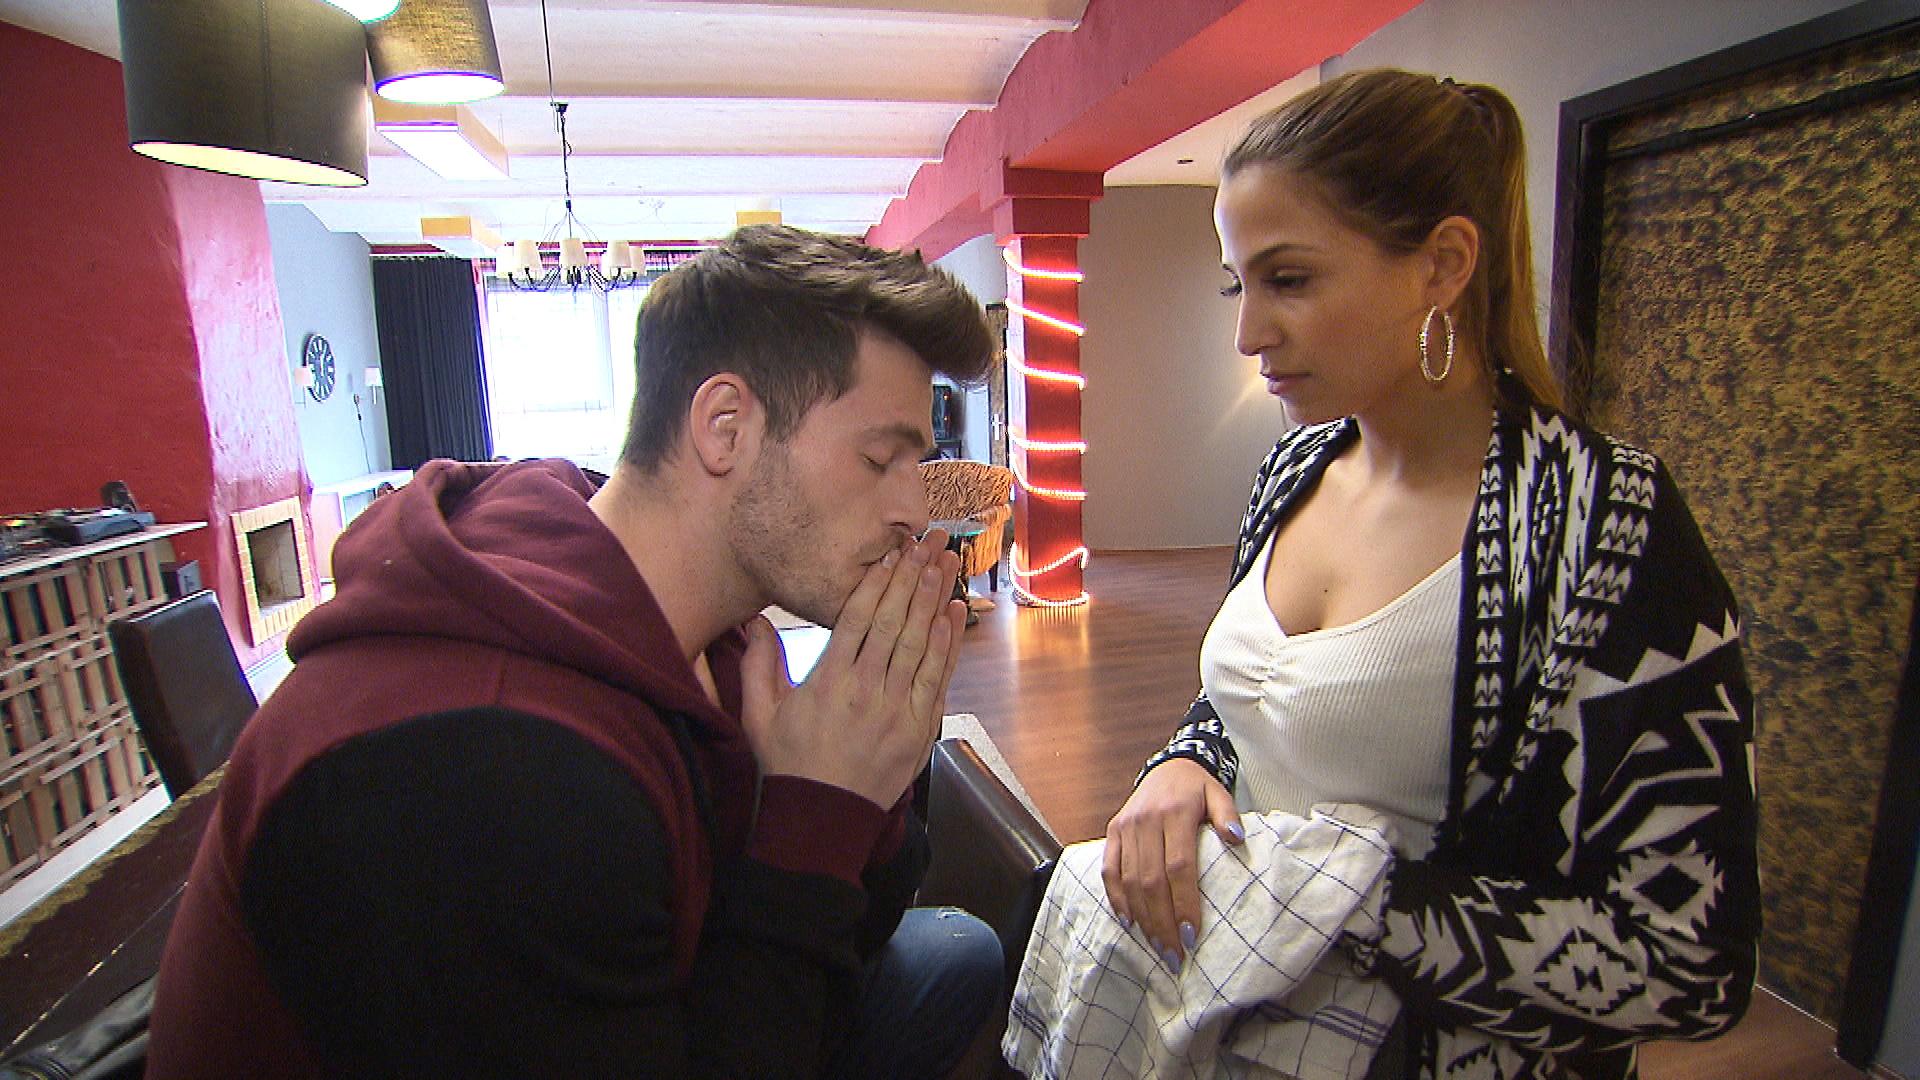 Alessia,re.muss unbedingt mit Daniel ,li., sprechen. (Quelle: RTL 2)